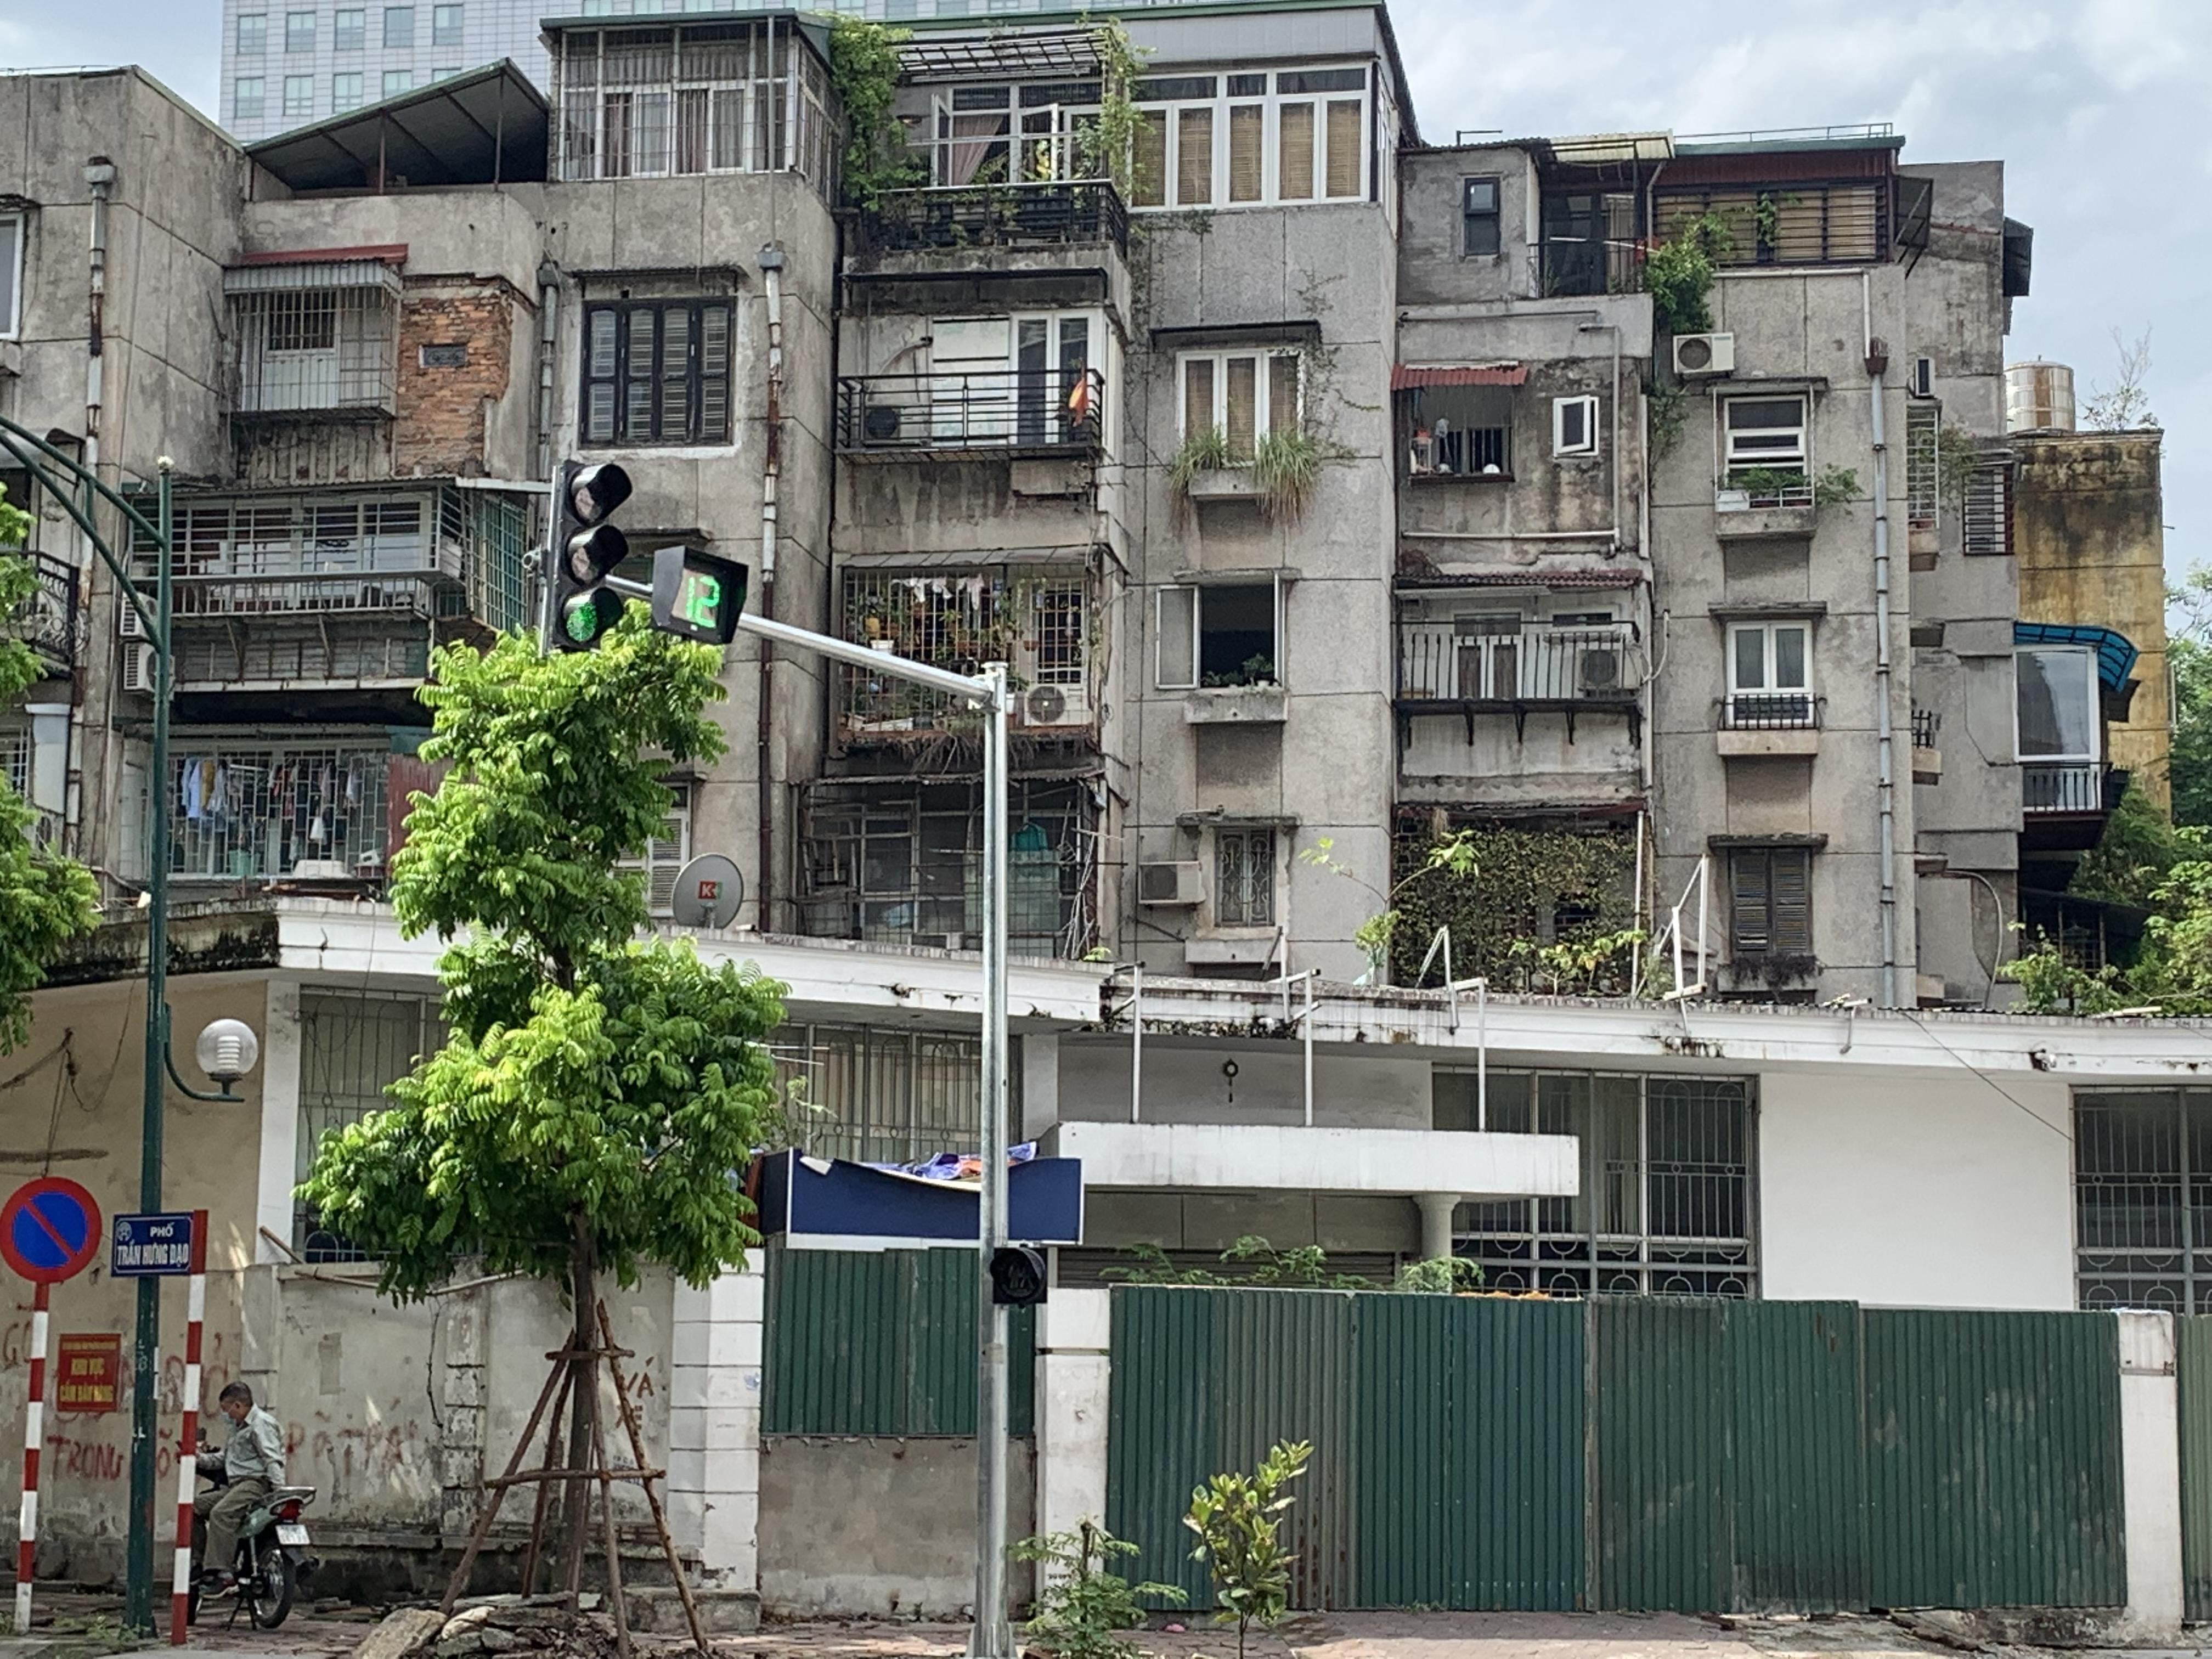 Hà Nội: Dành 500 tỷ đồng cho cải tạo chung cư cũ - Ảnh 1